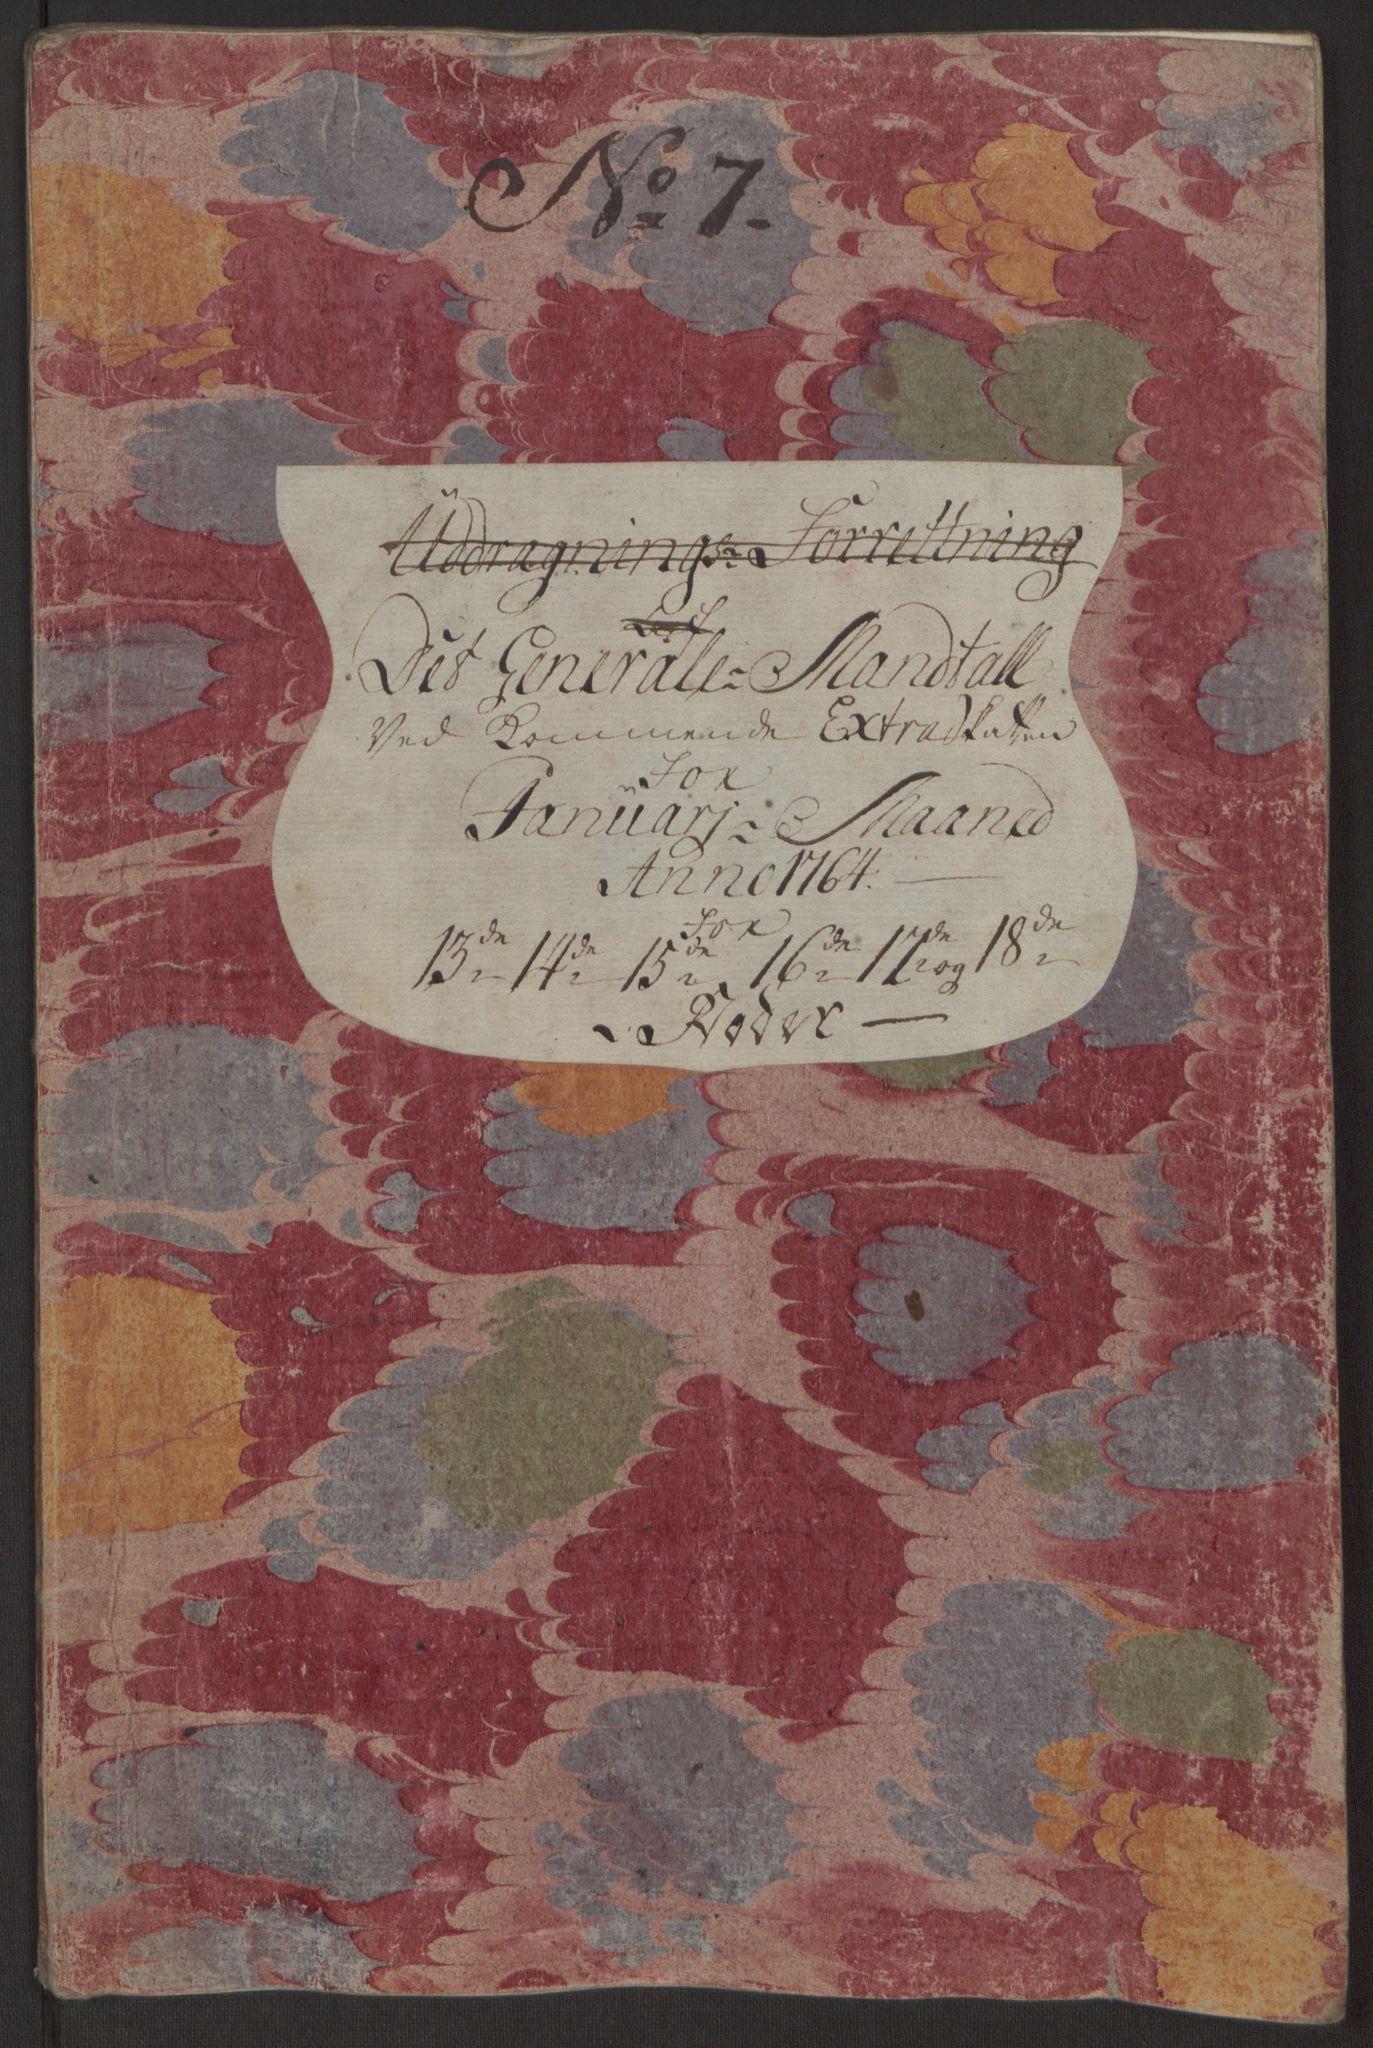 RA, Rentekammeret inntil 1814, Reviderte regnskaper, Byregnskaper, R/Rp/L0368: [P21] Kontribusjonsregnskap, 1764, s. 16